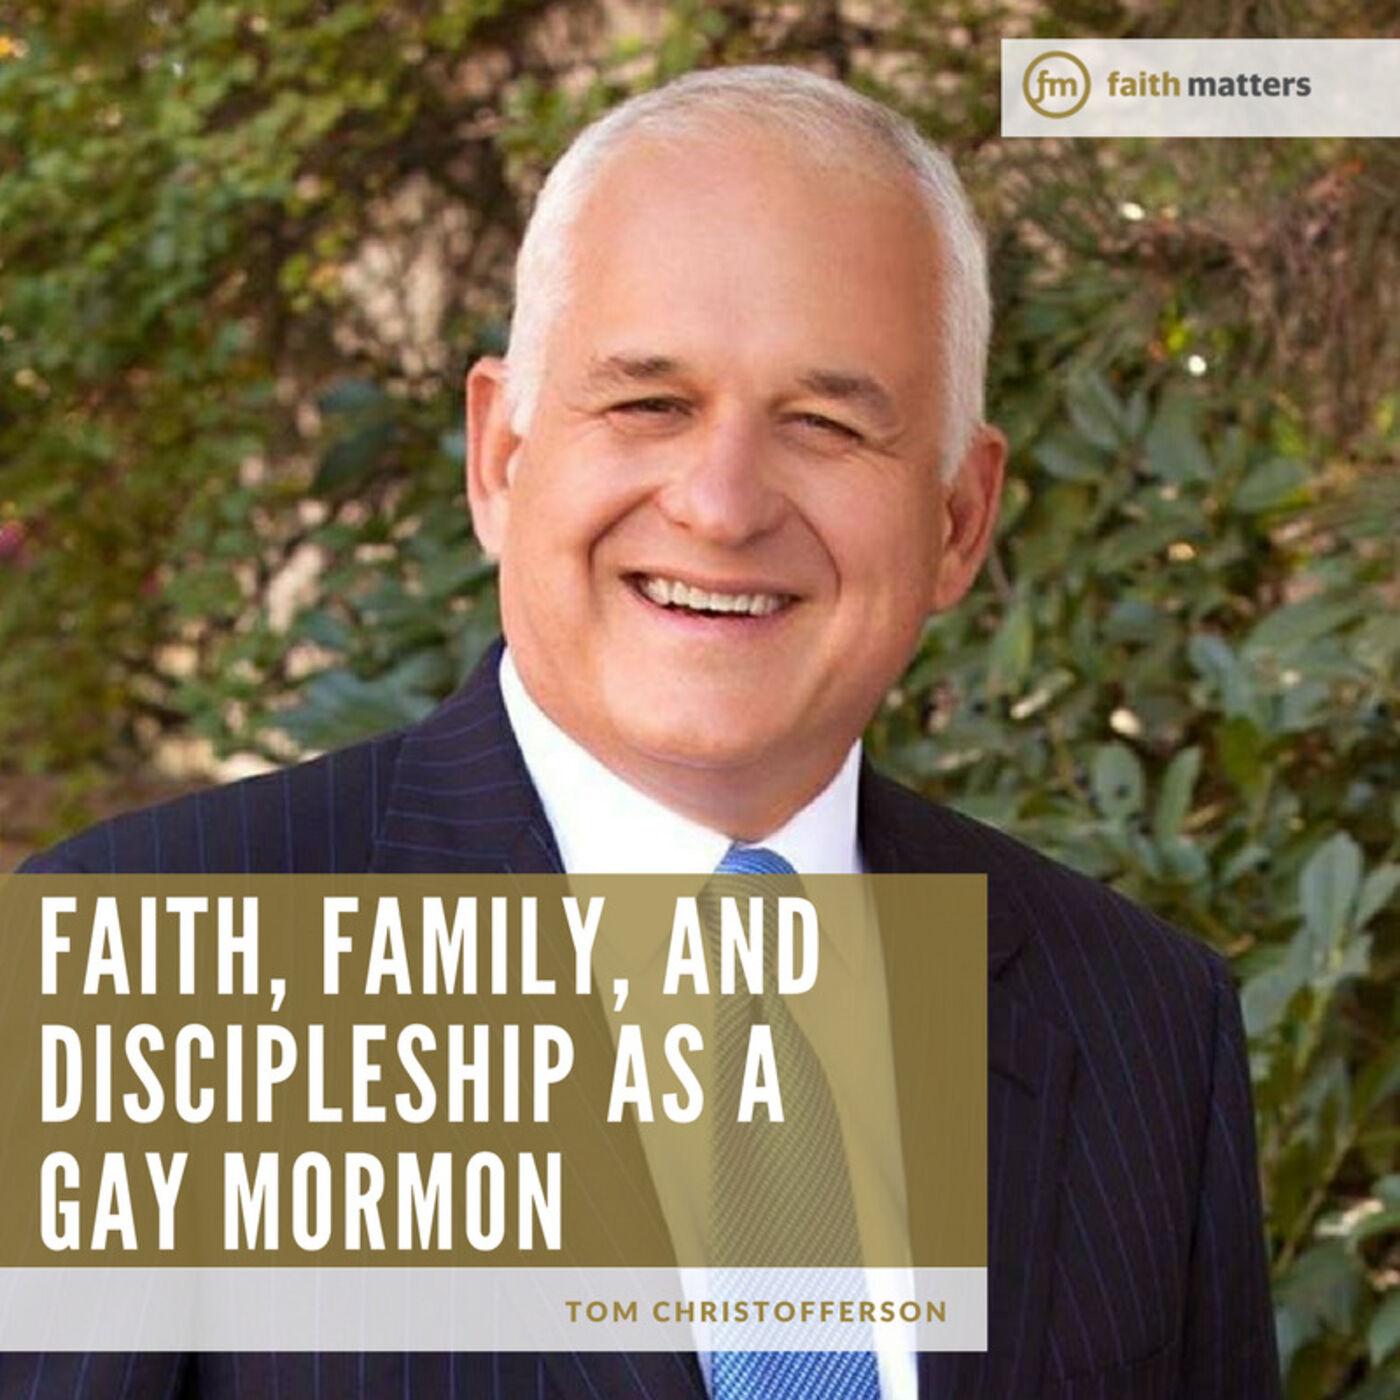 1. Faith, Family, and Discipleship as...